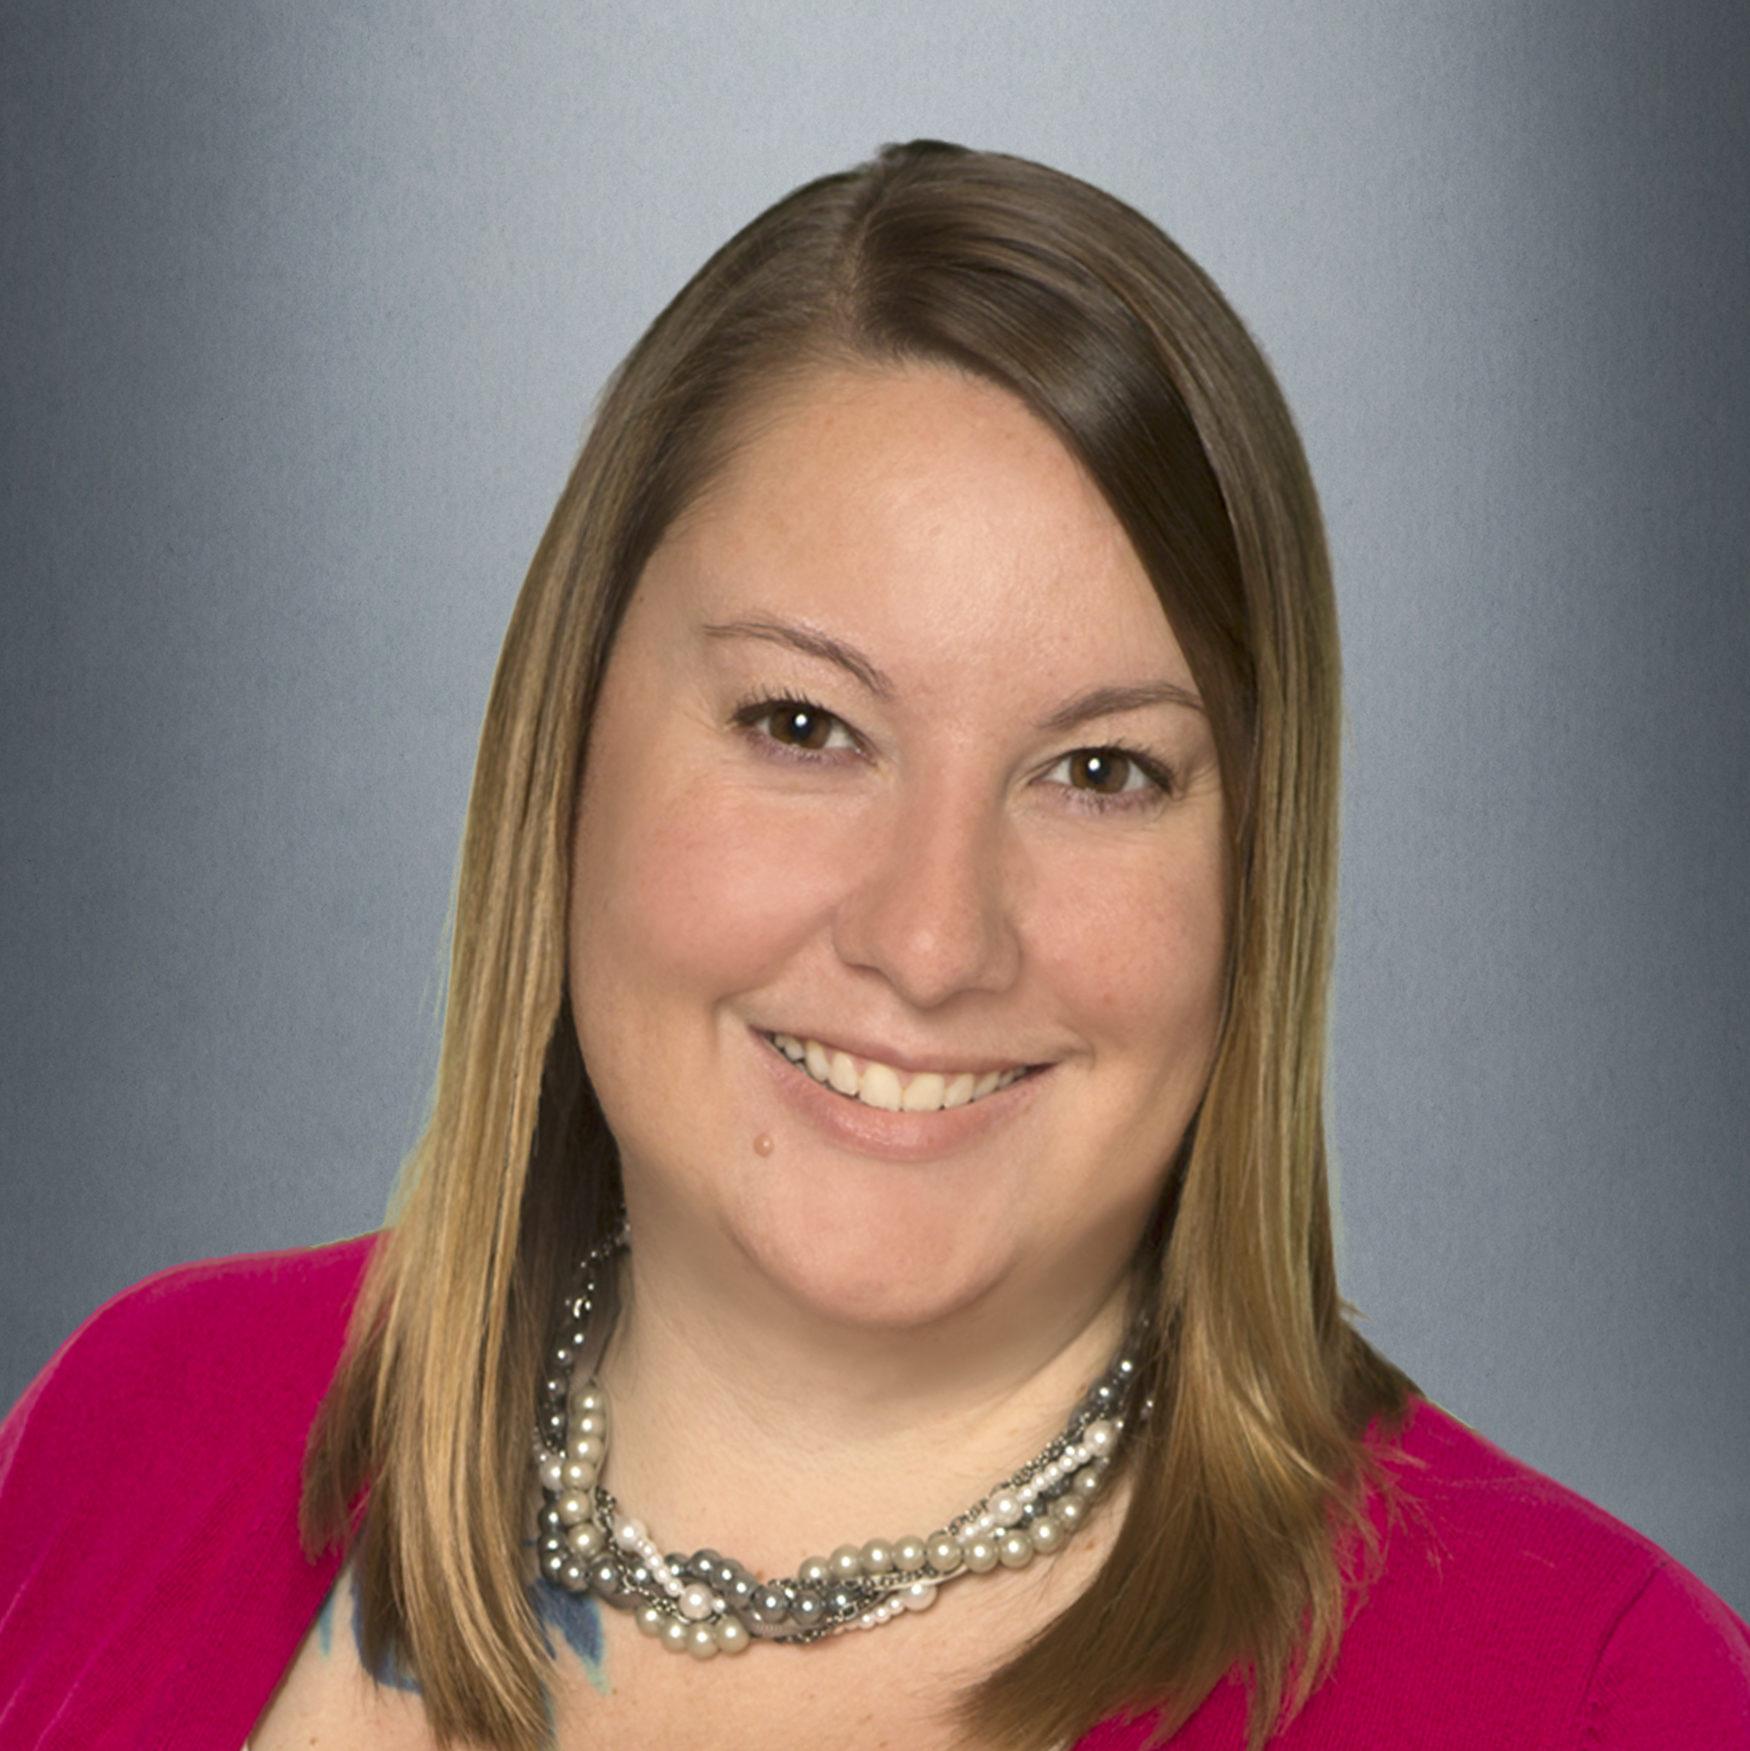 Sarah Woodland